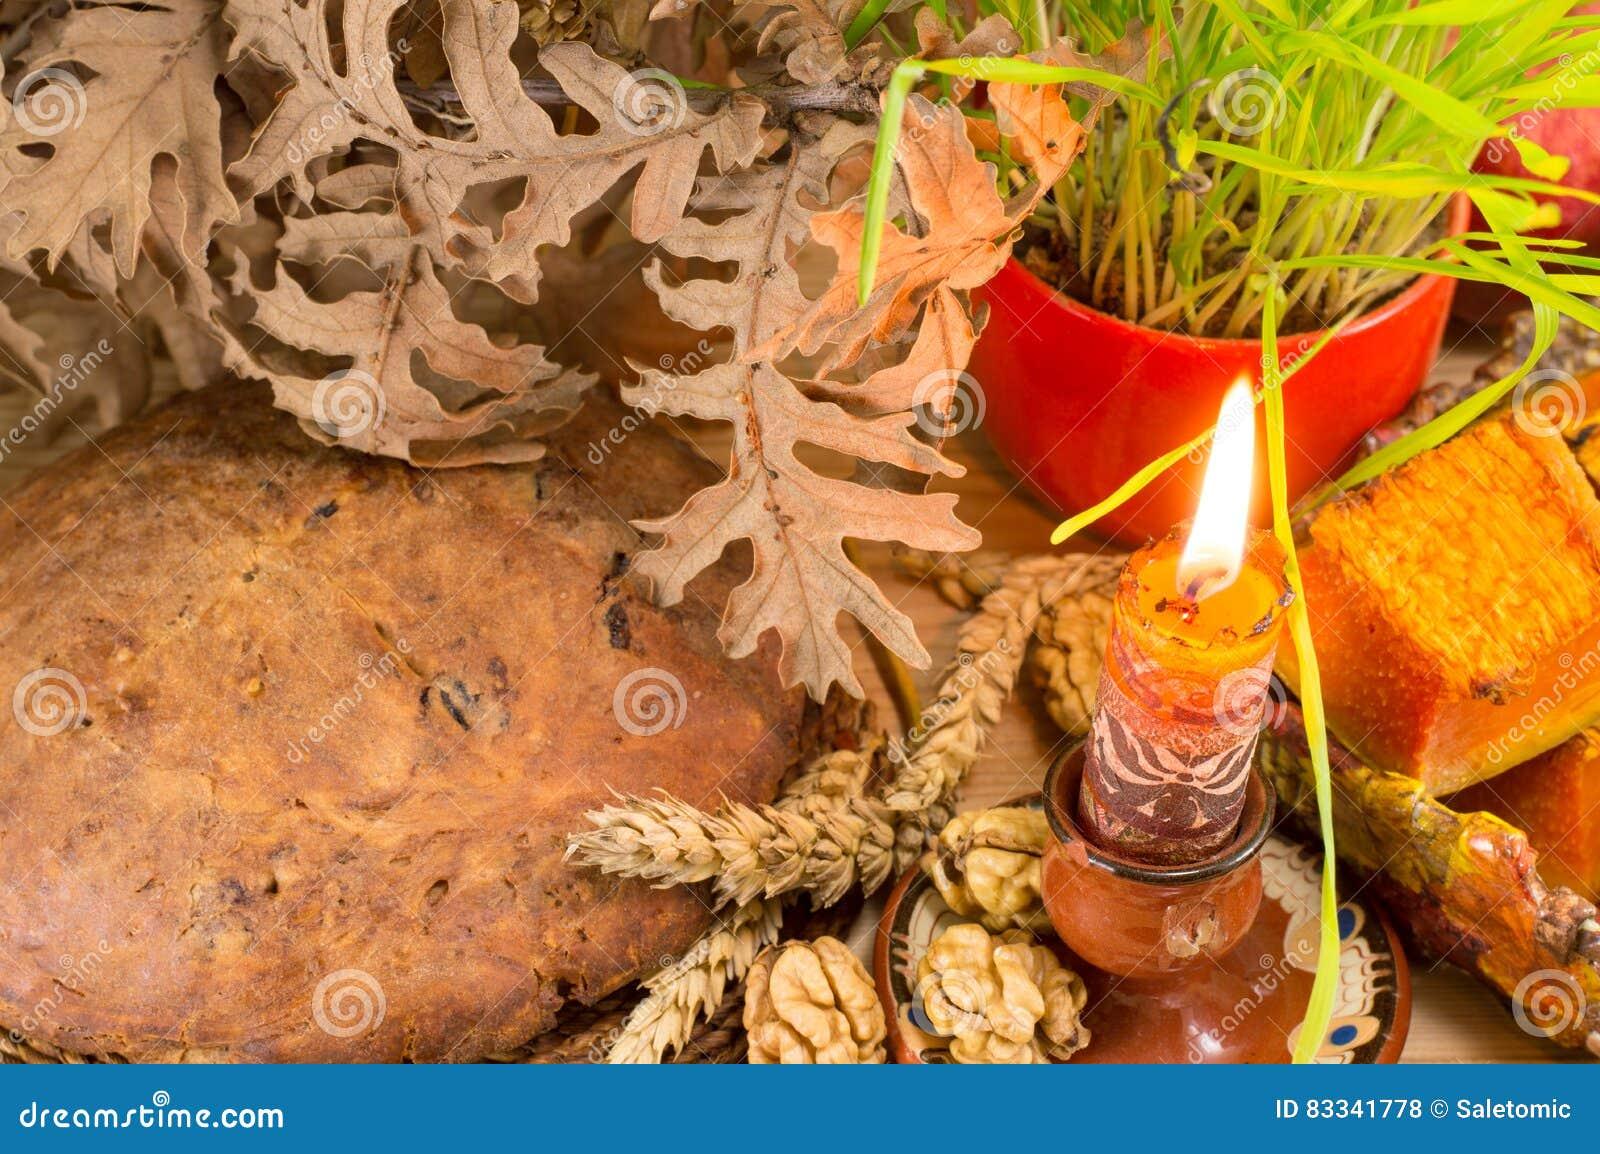 Orthodoxe Weihnachtsangebote Mit Wachsendem Weizen Stockfoto - Bild ...